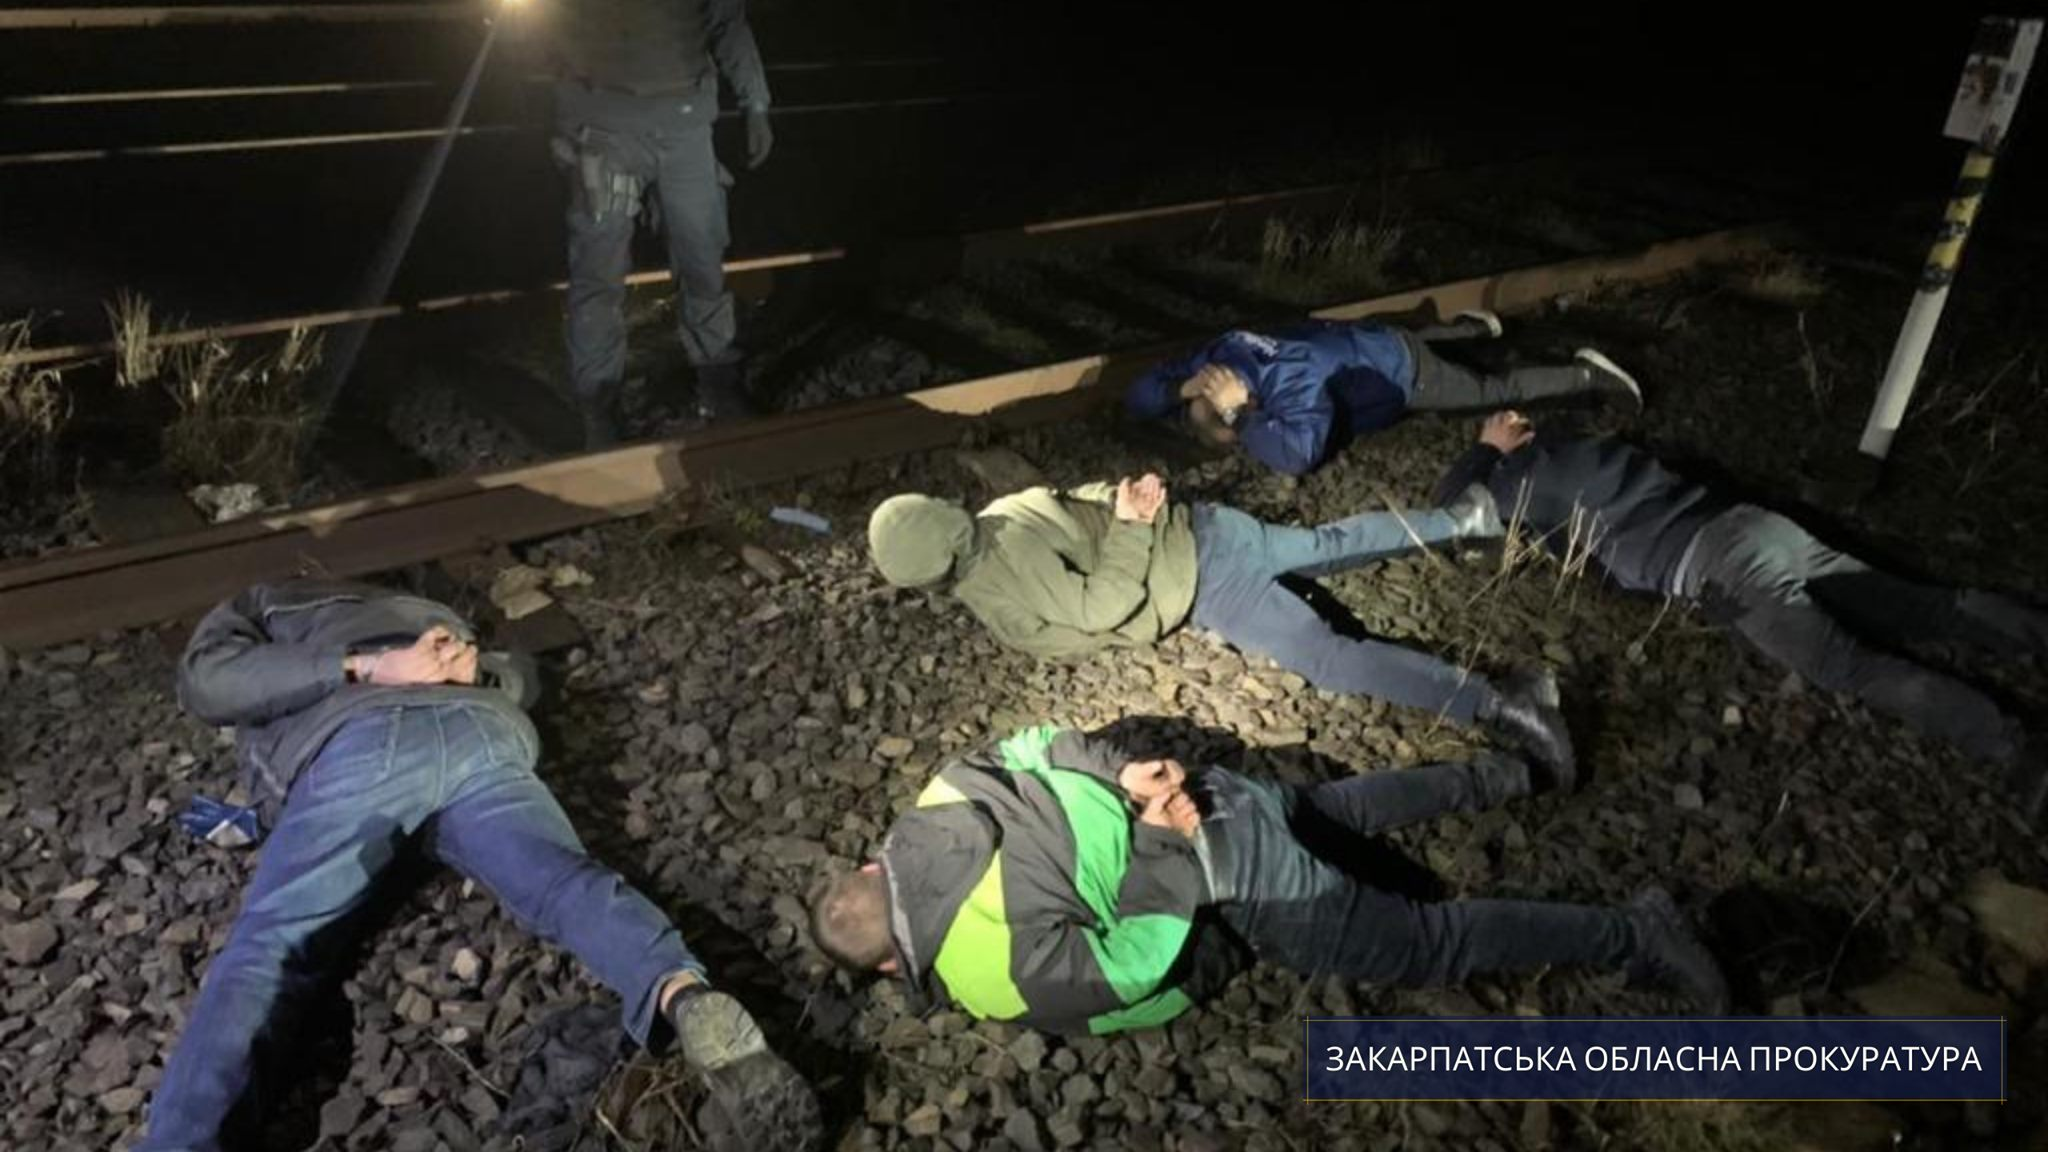 На Закарпатті підозрюваних у привласненні дизпалива працівників залізниці, взято під варту